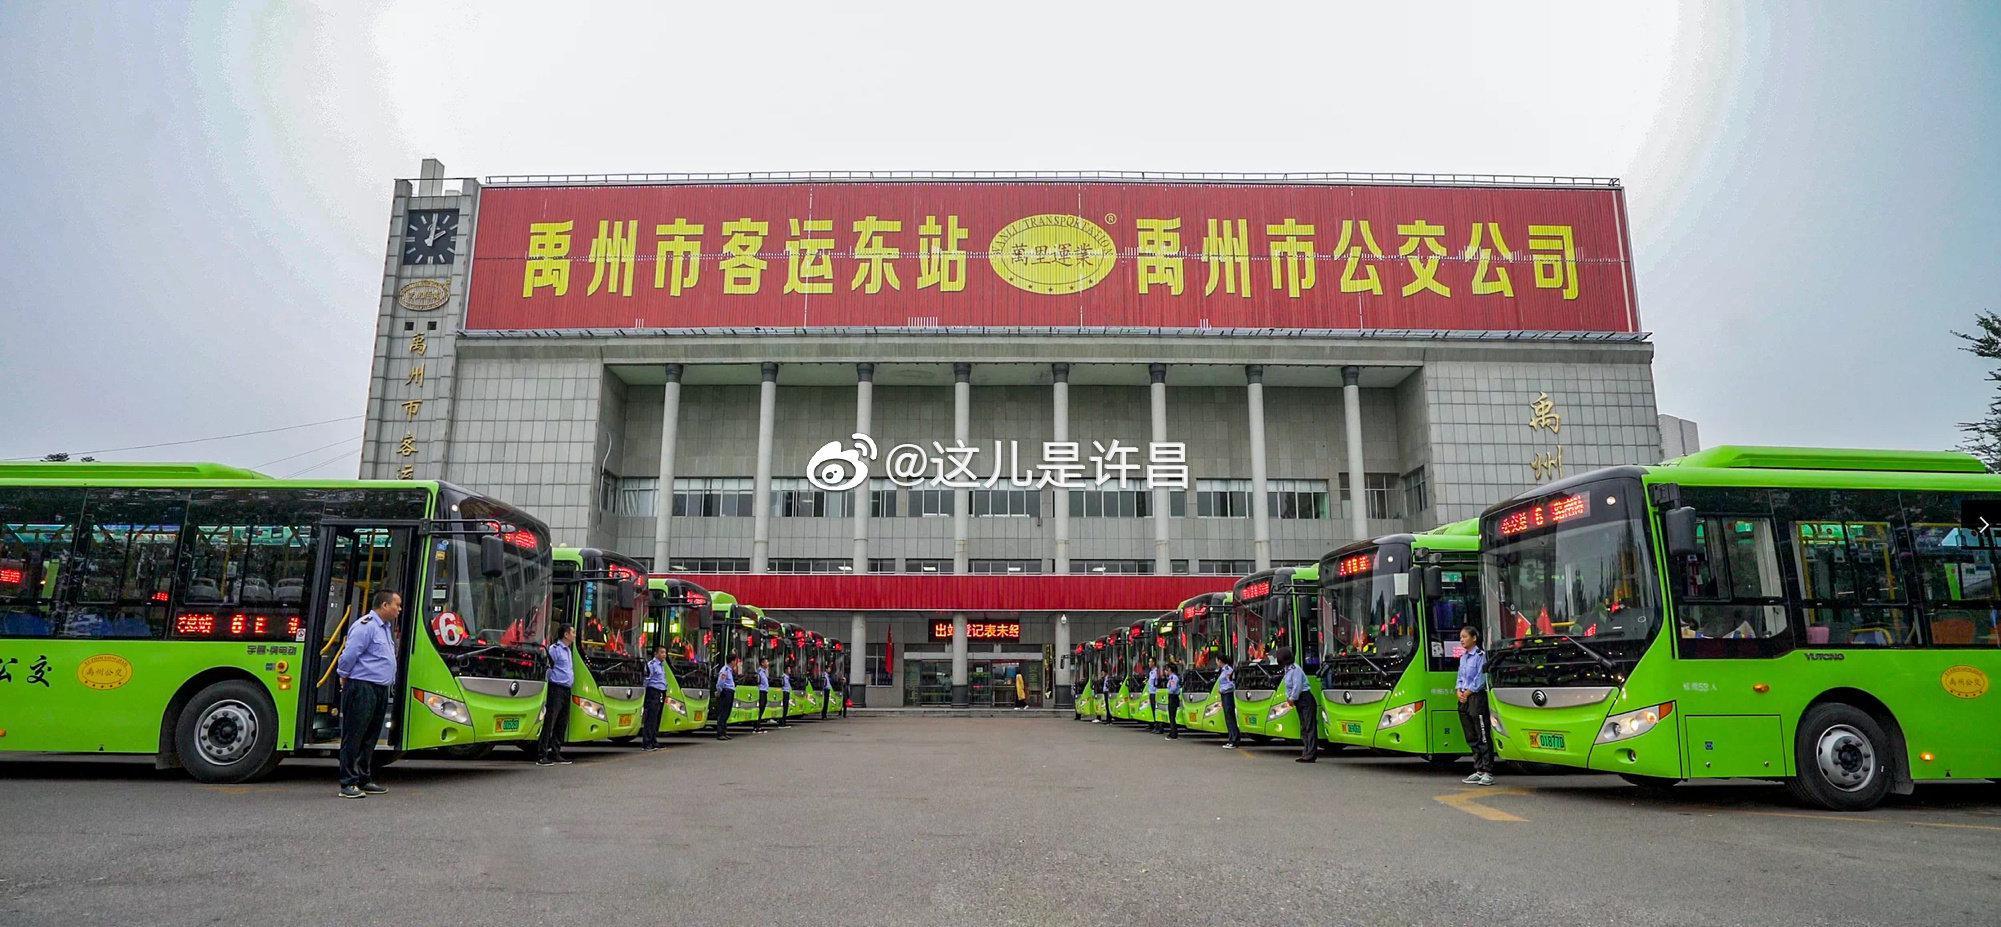 禹州公交关于夏季运营时间的通告